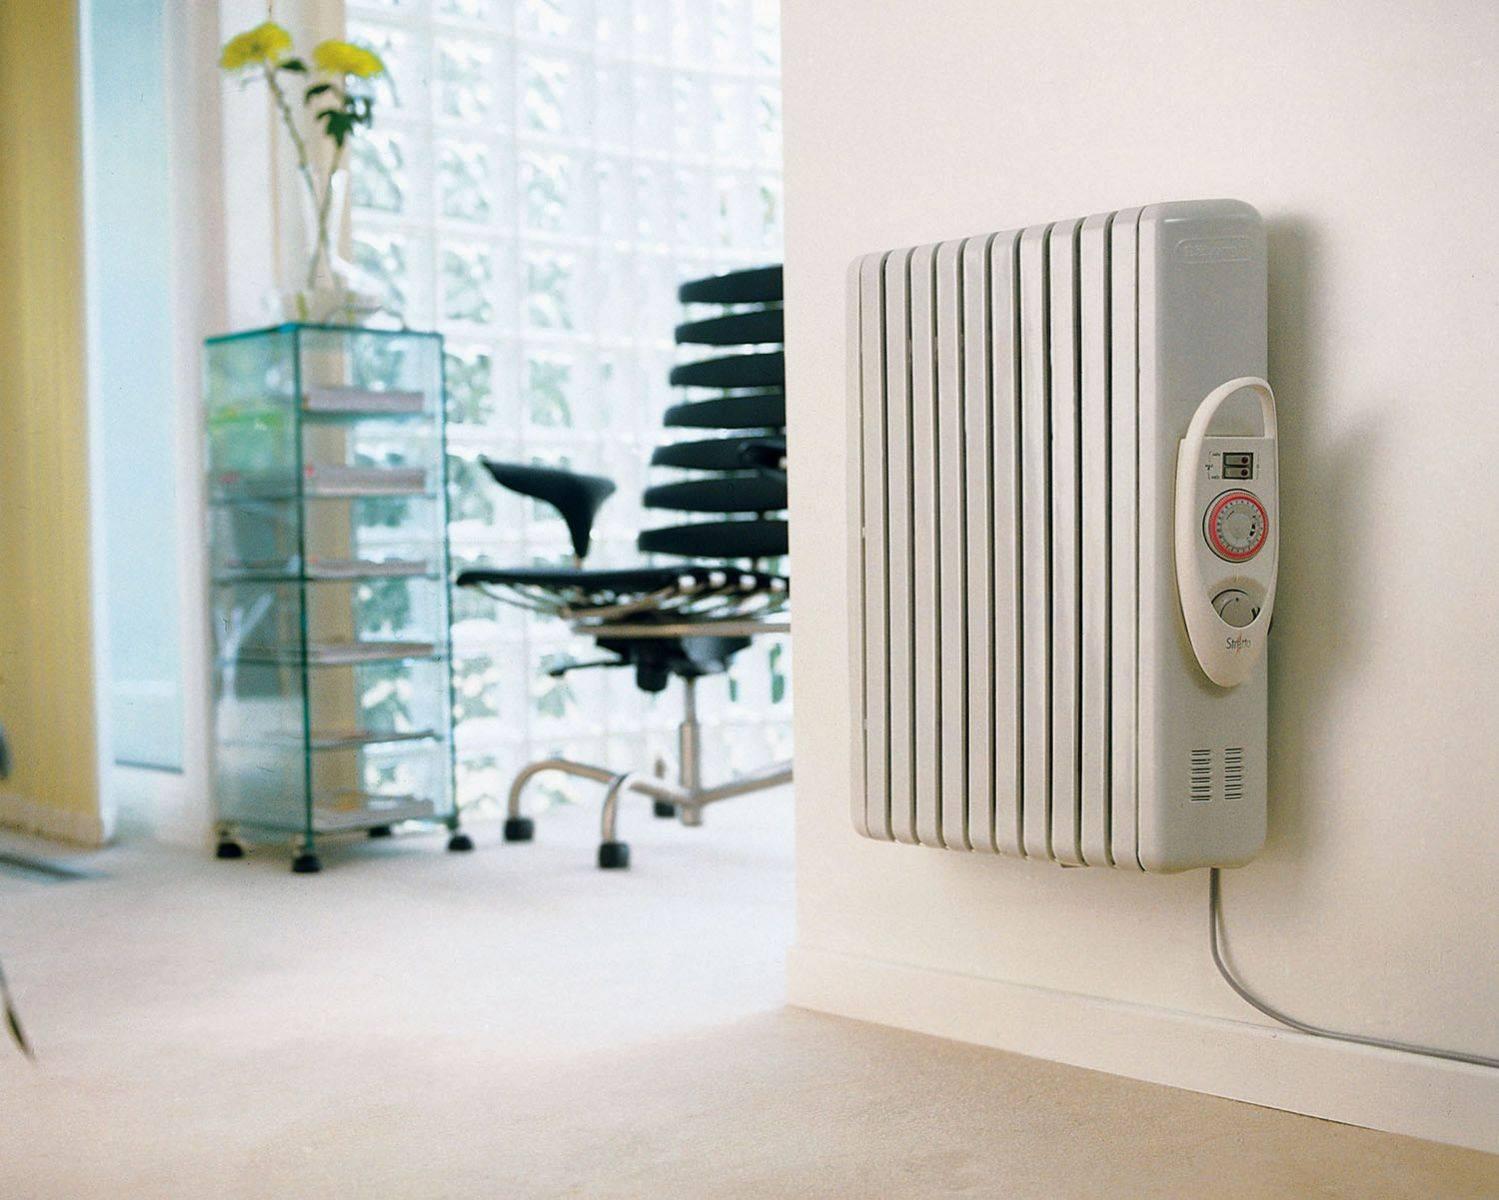 Экономичные электрообогреватели нового поколения: советы по выбору